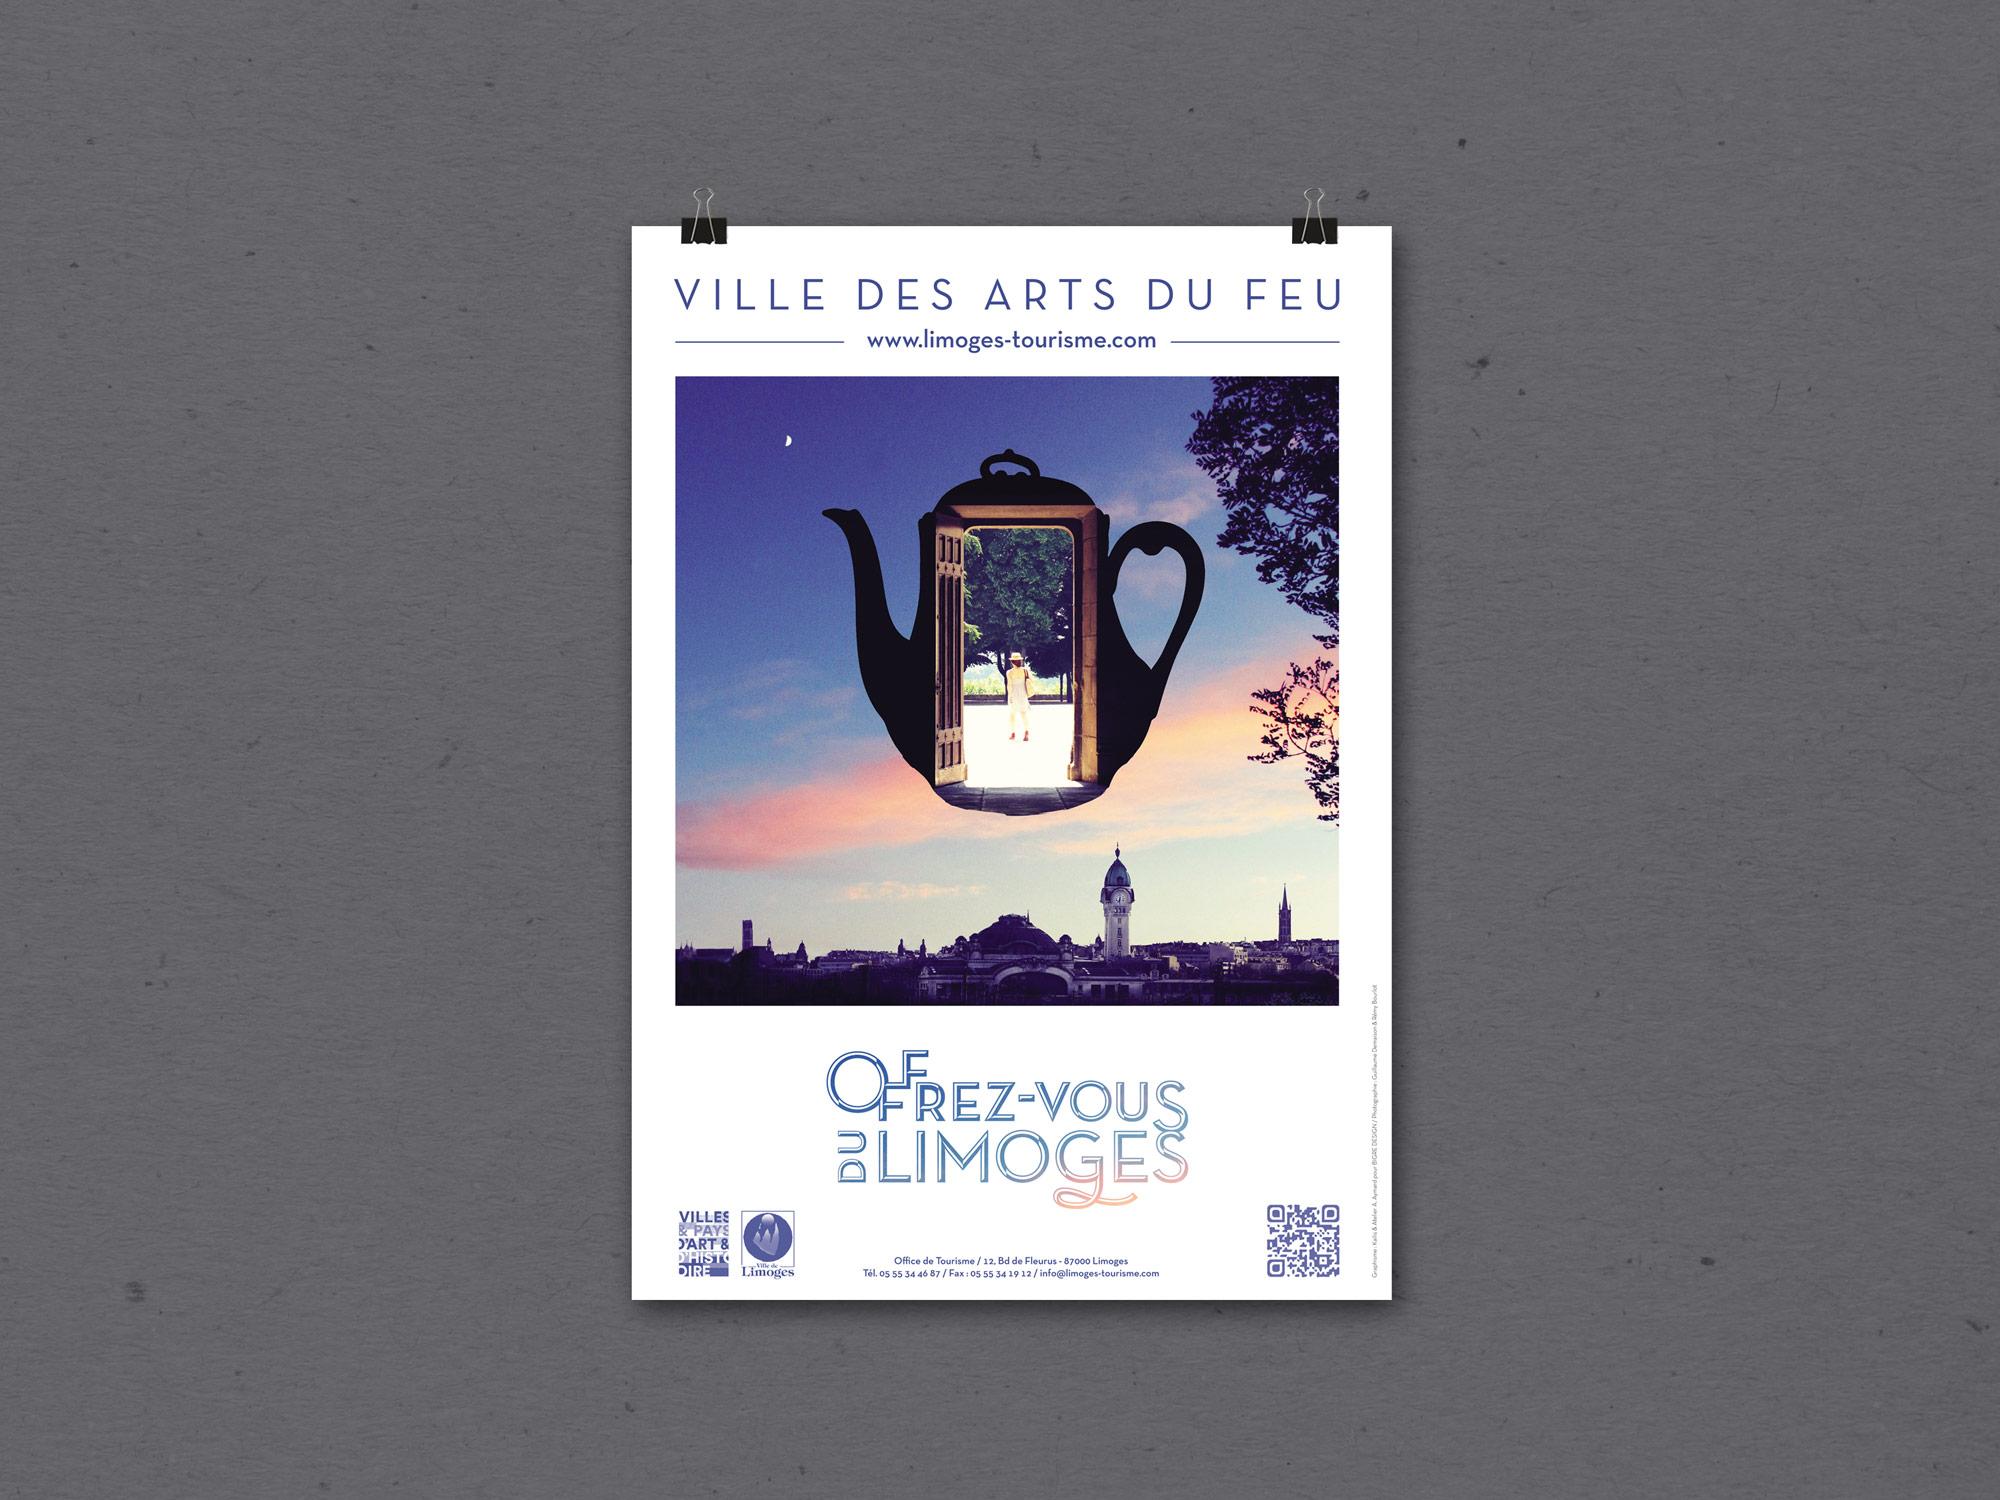 http://a-aa.fr/projet/offrez-vous-du-limoges/